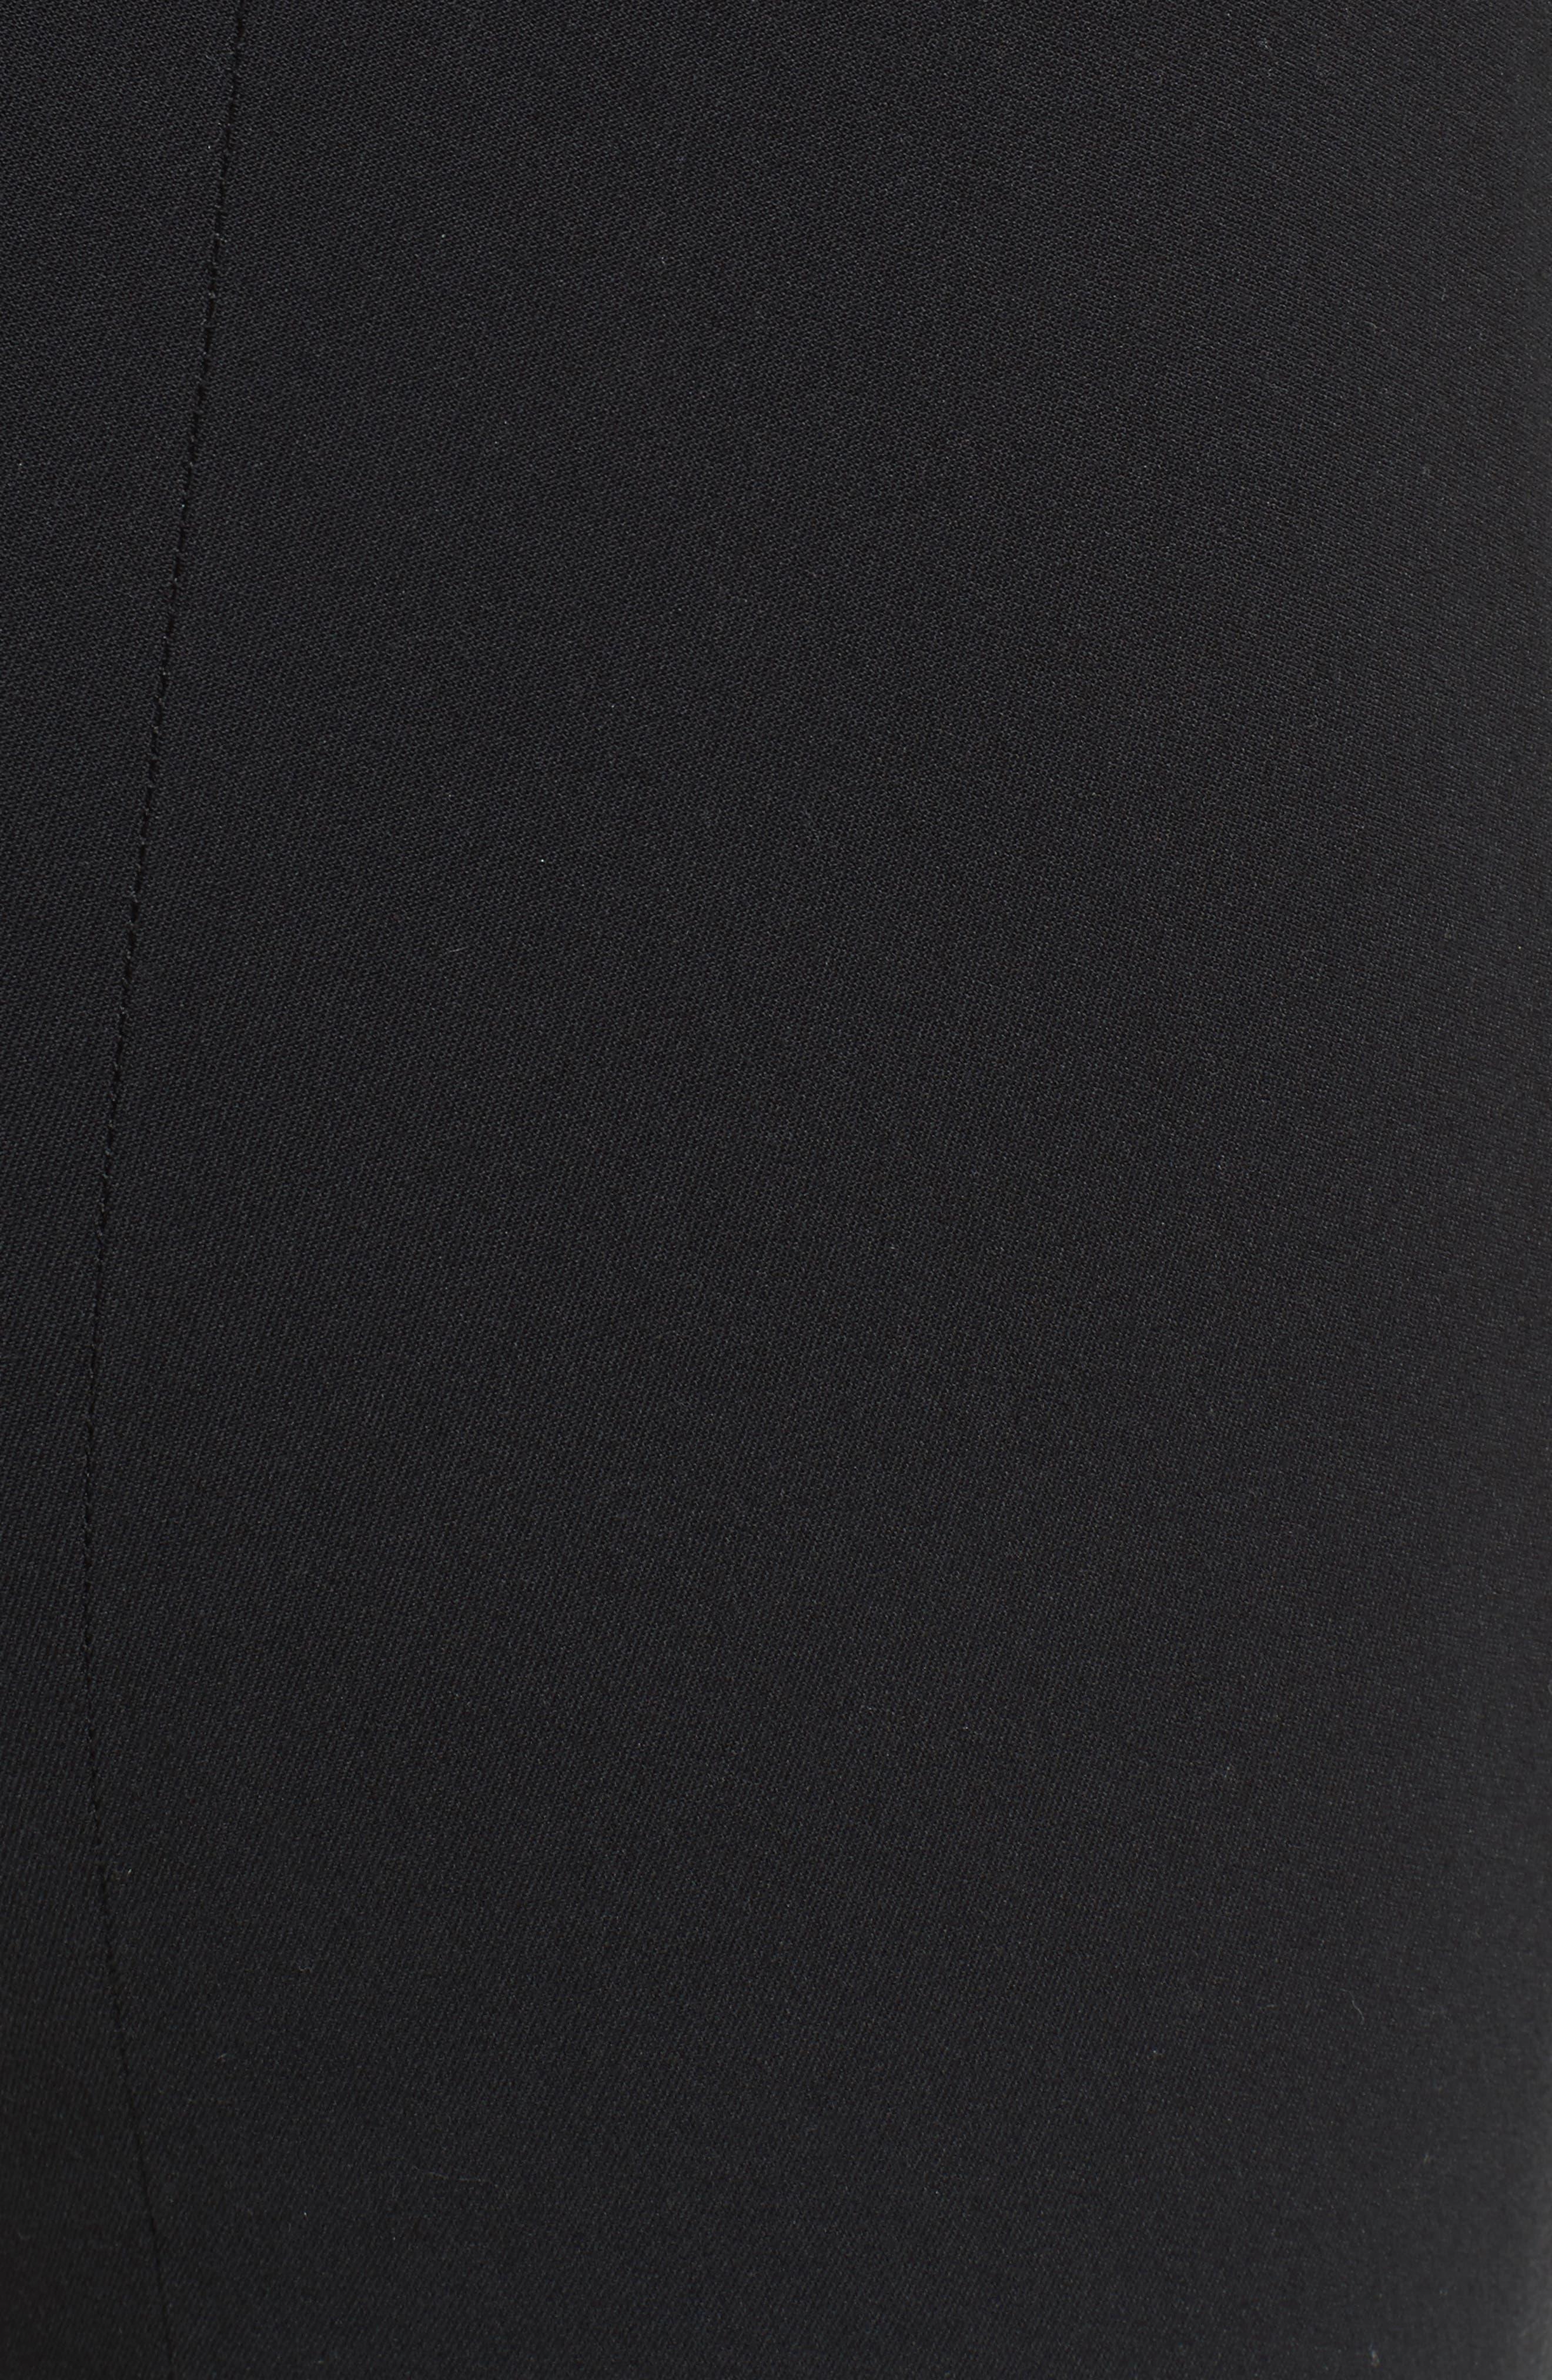 High Waist Leggings,                             Alternate thumbnail 5, color,                             Black